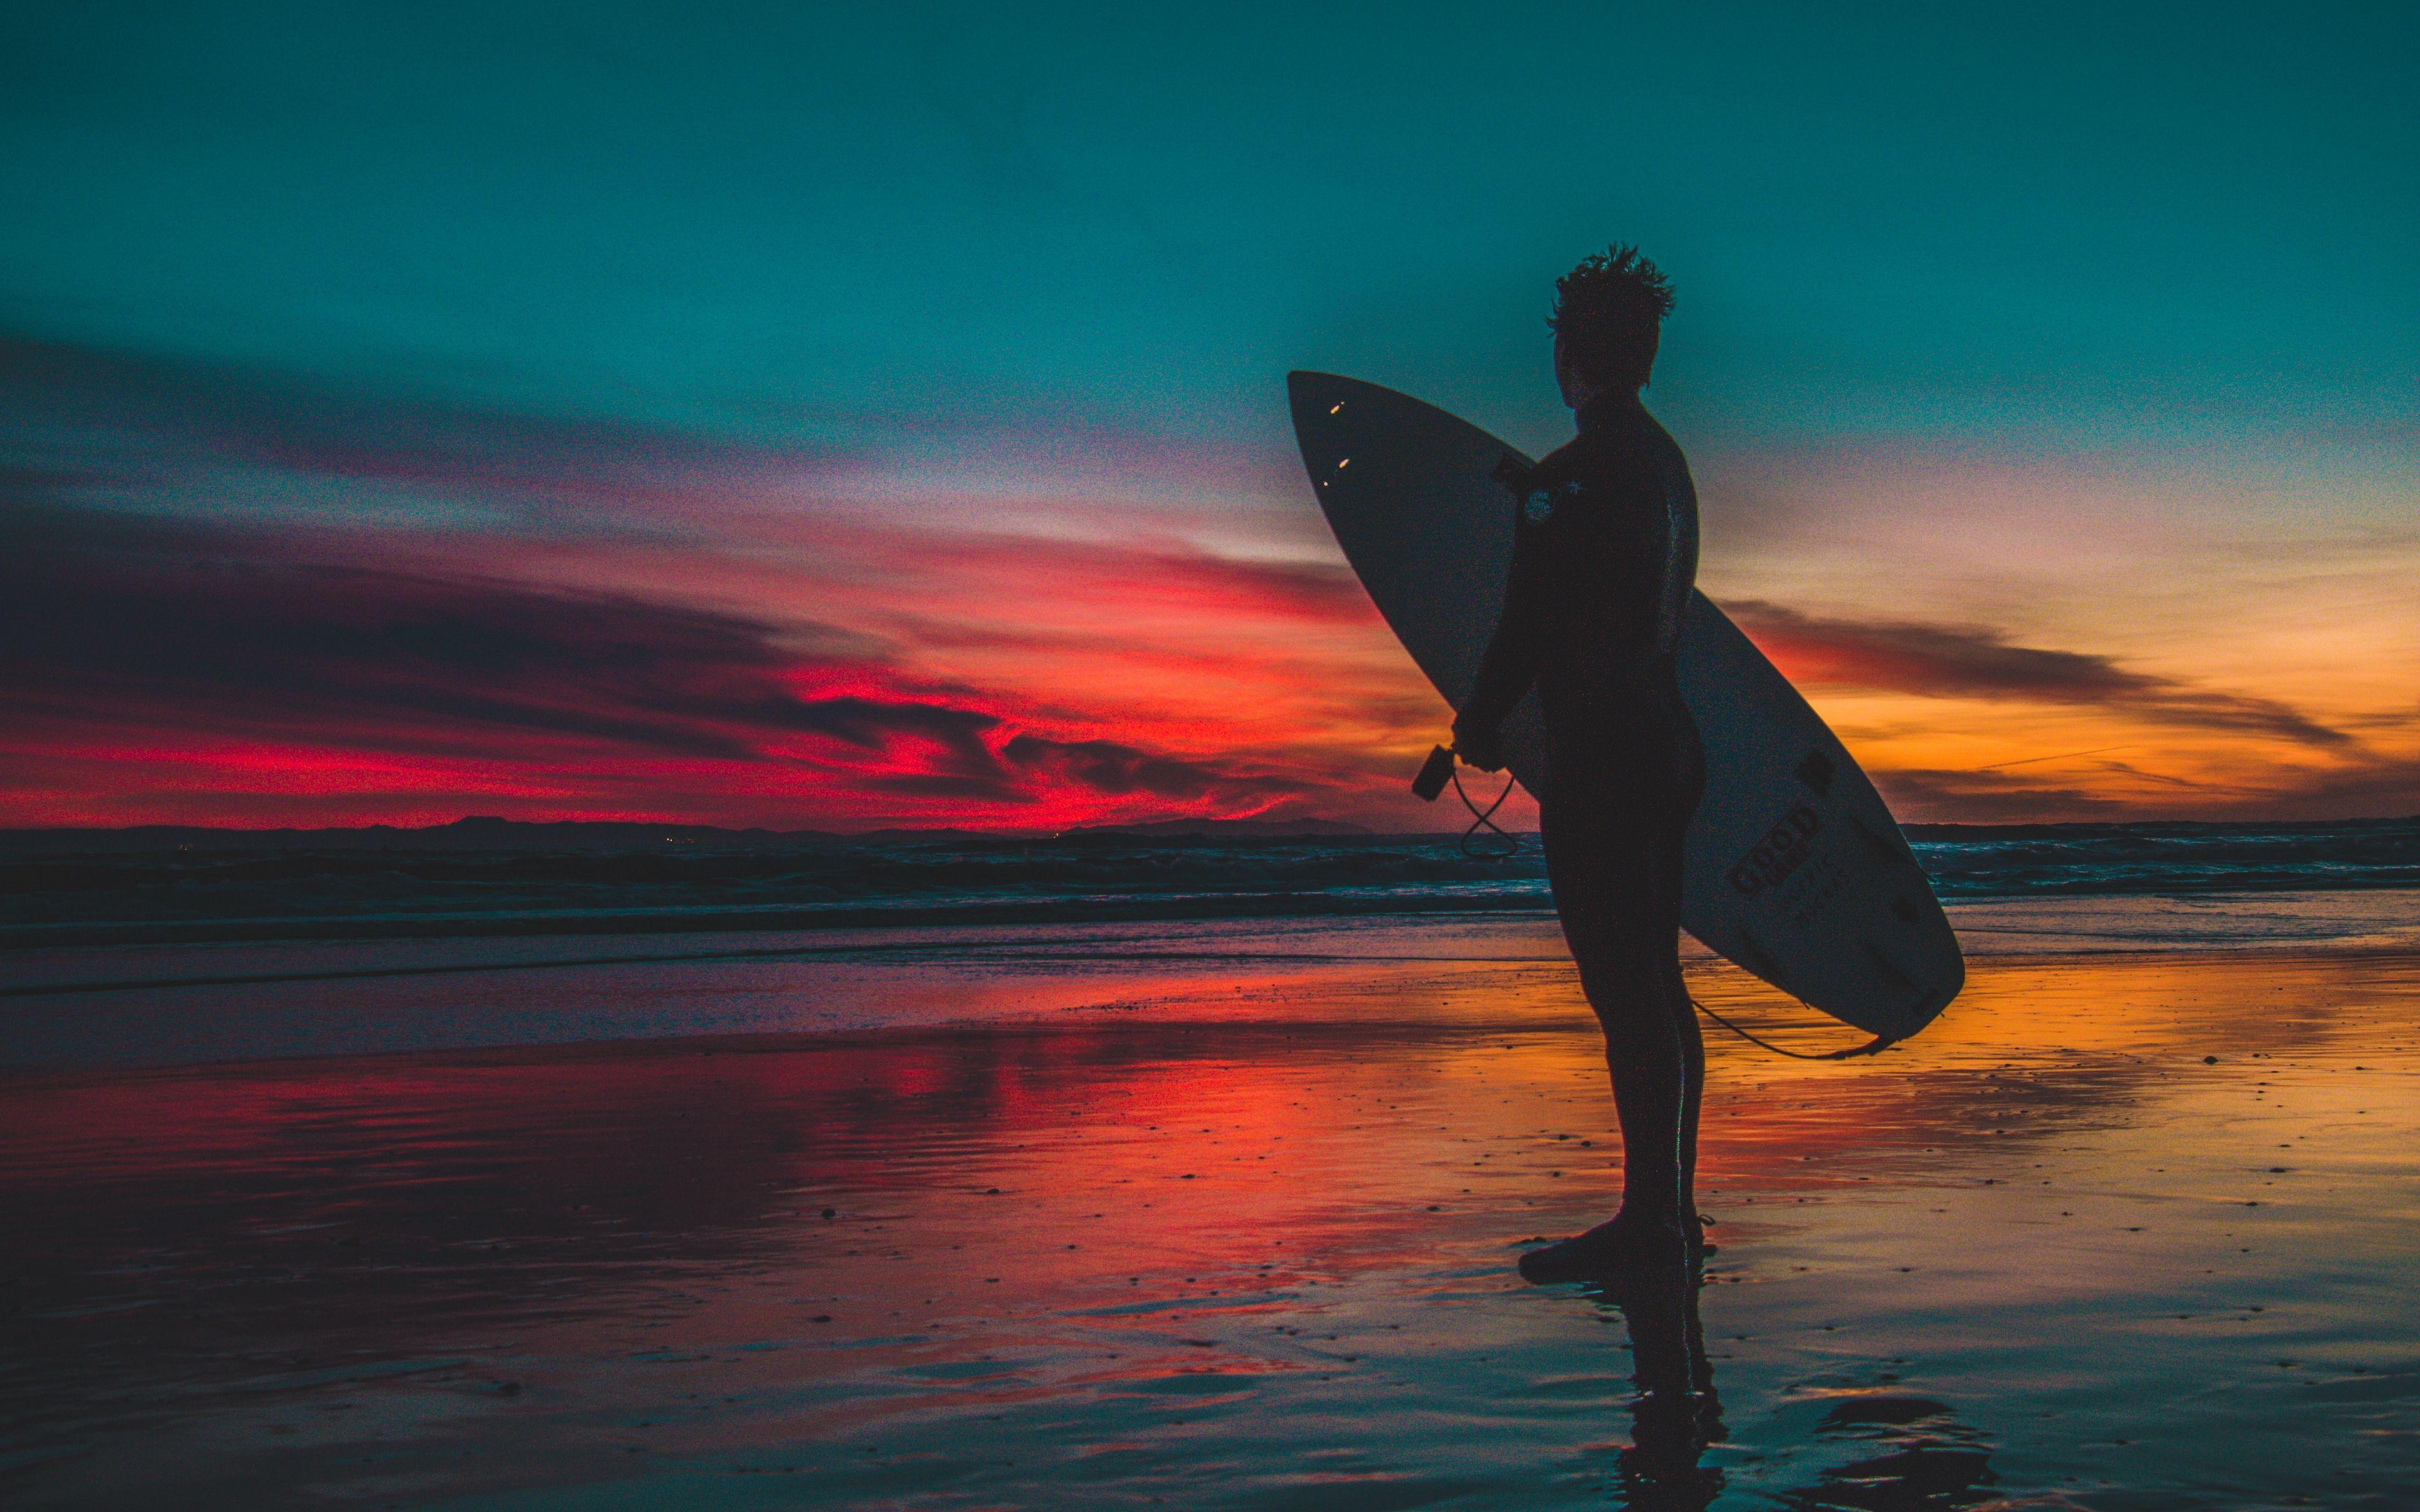 Surfmad Image